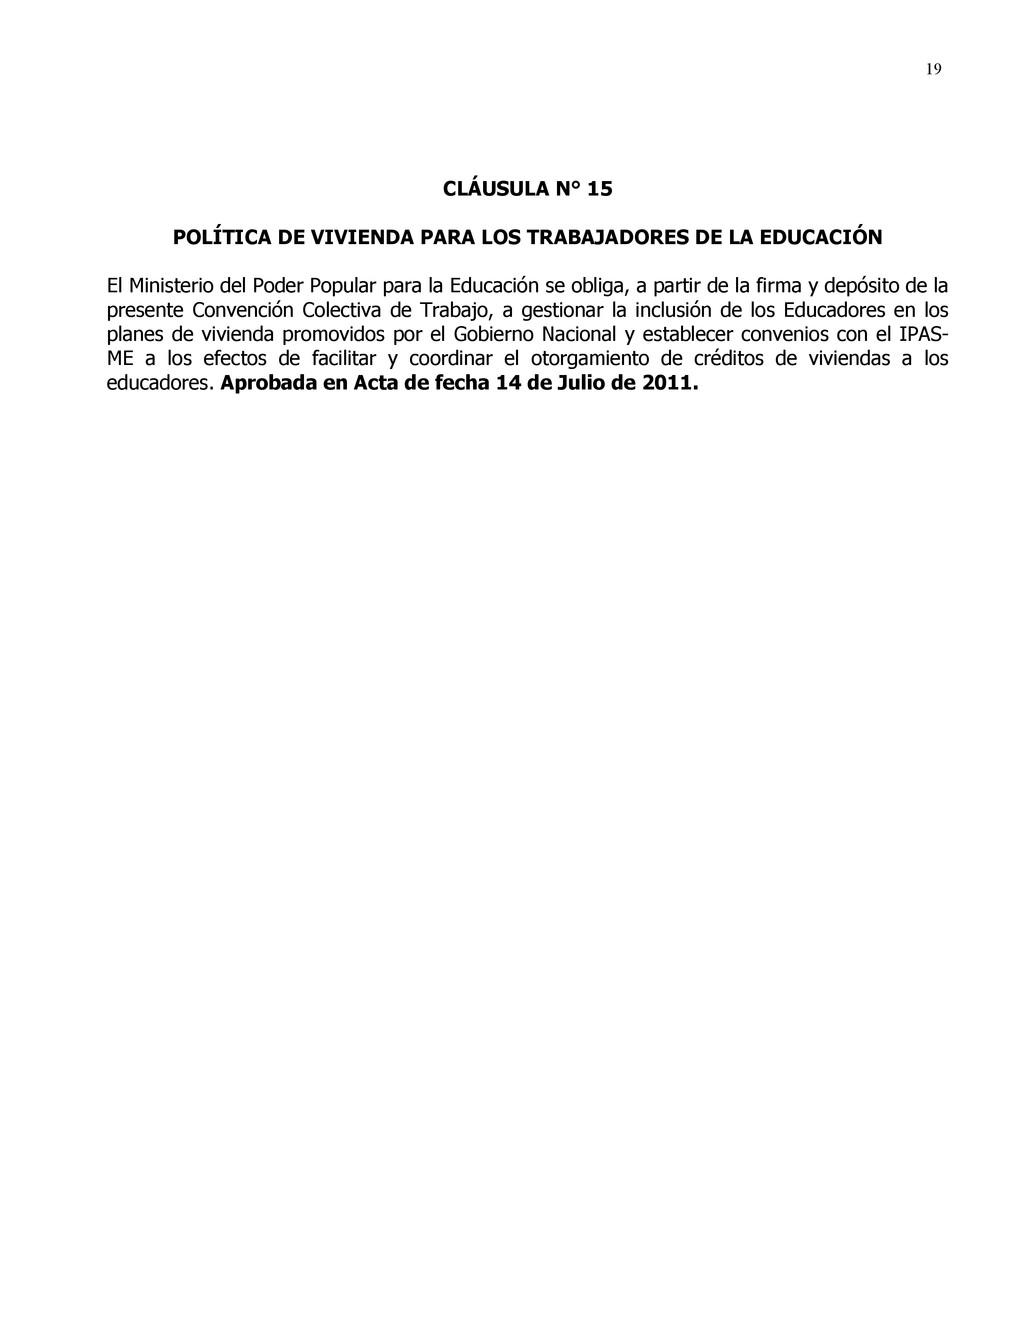 19 CLÁUSULA N° 15 POLÍTICA DE VIVIENDA PARA LOS...